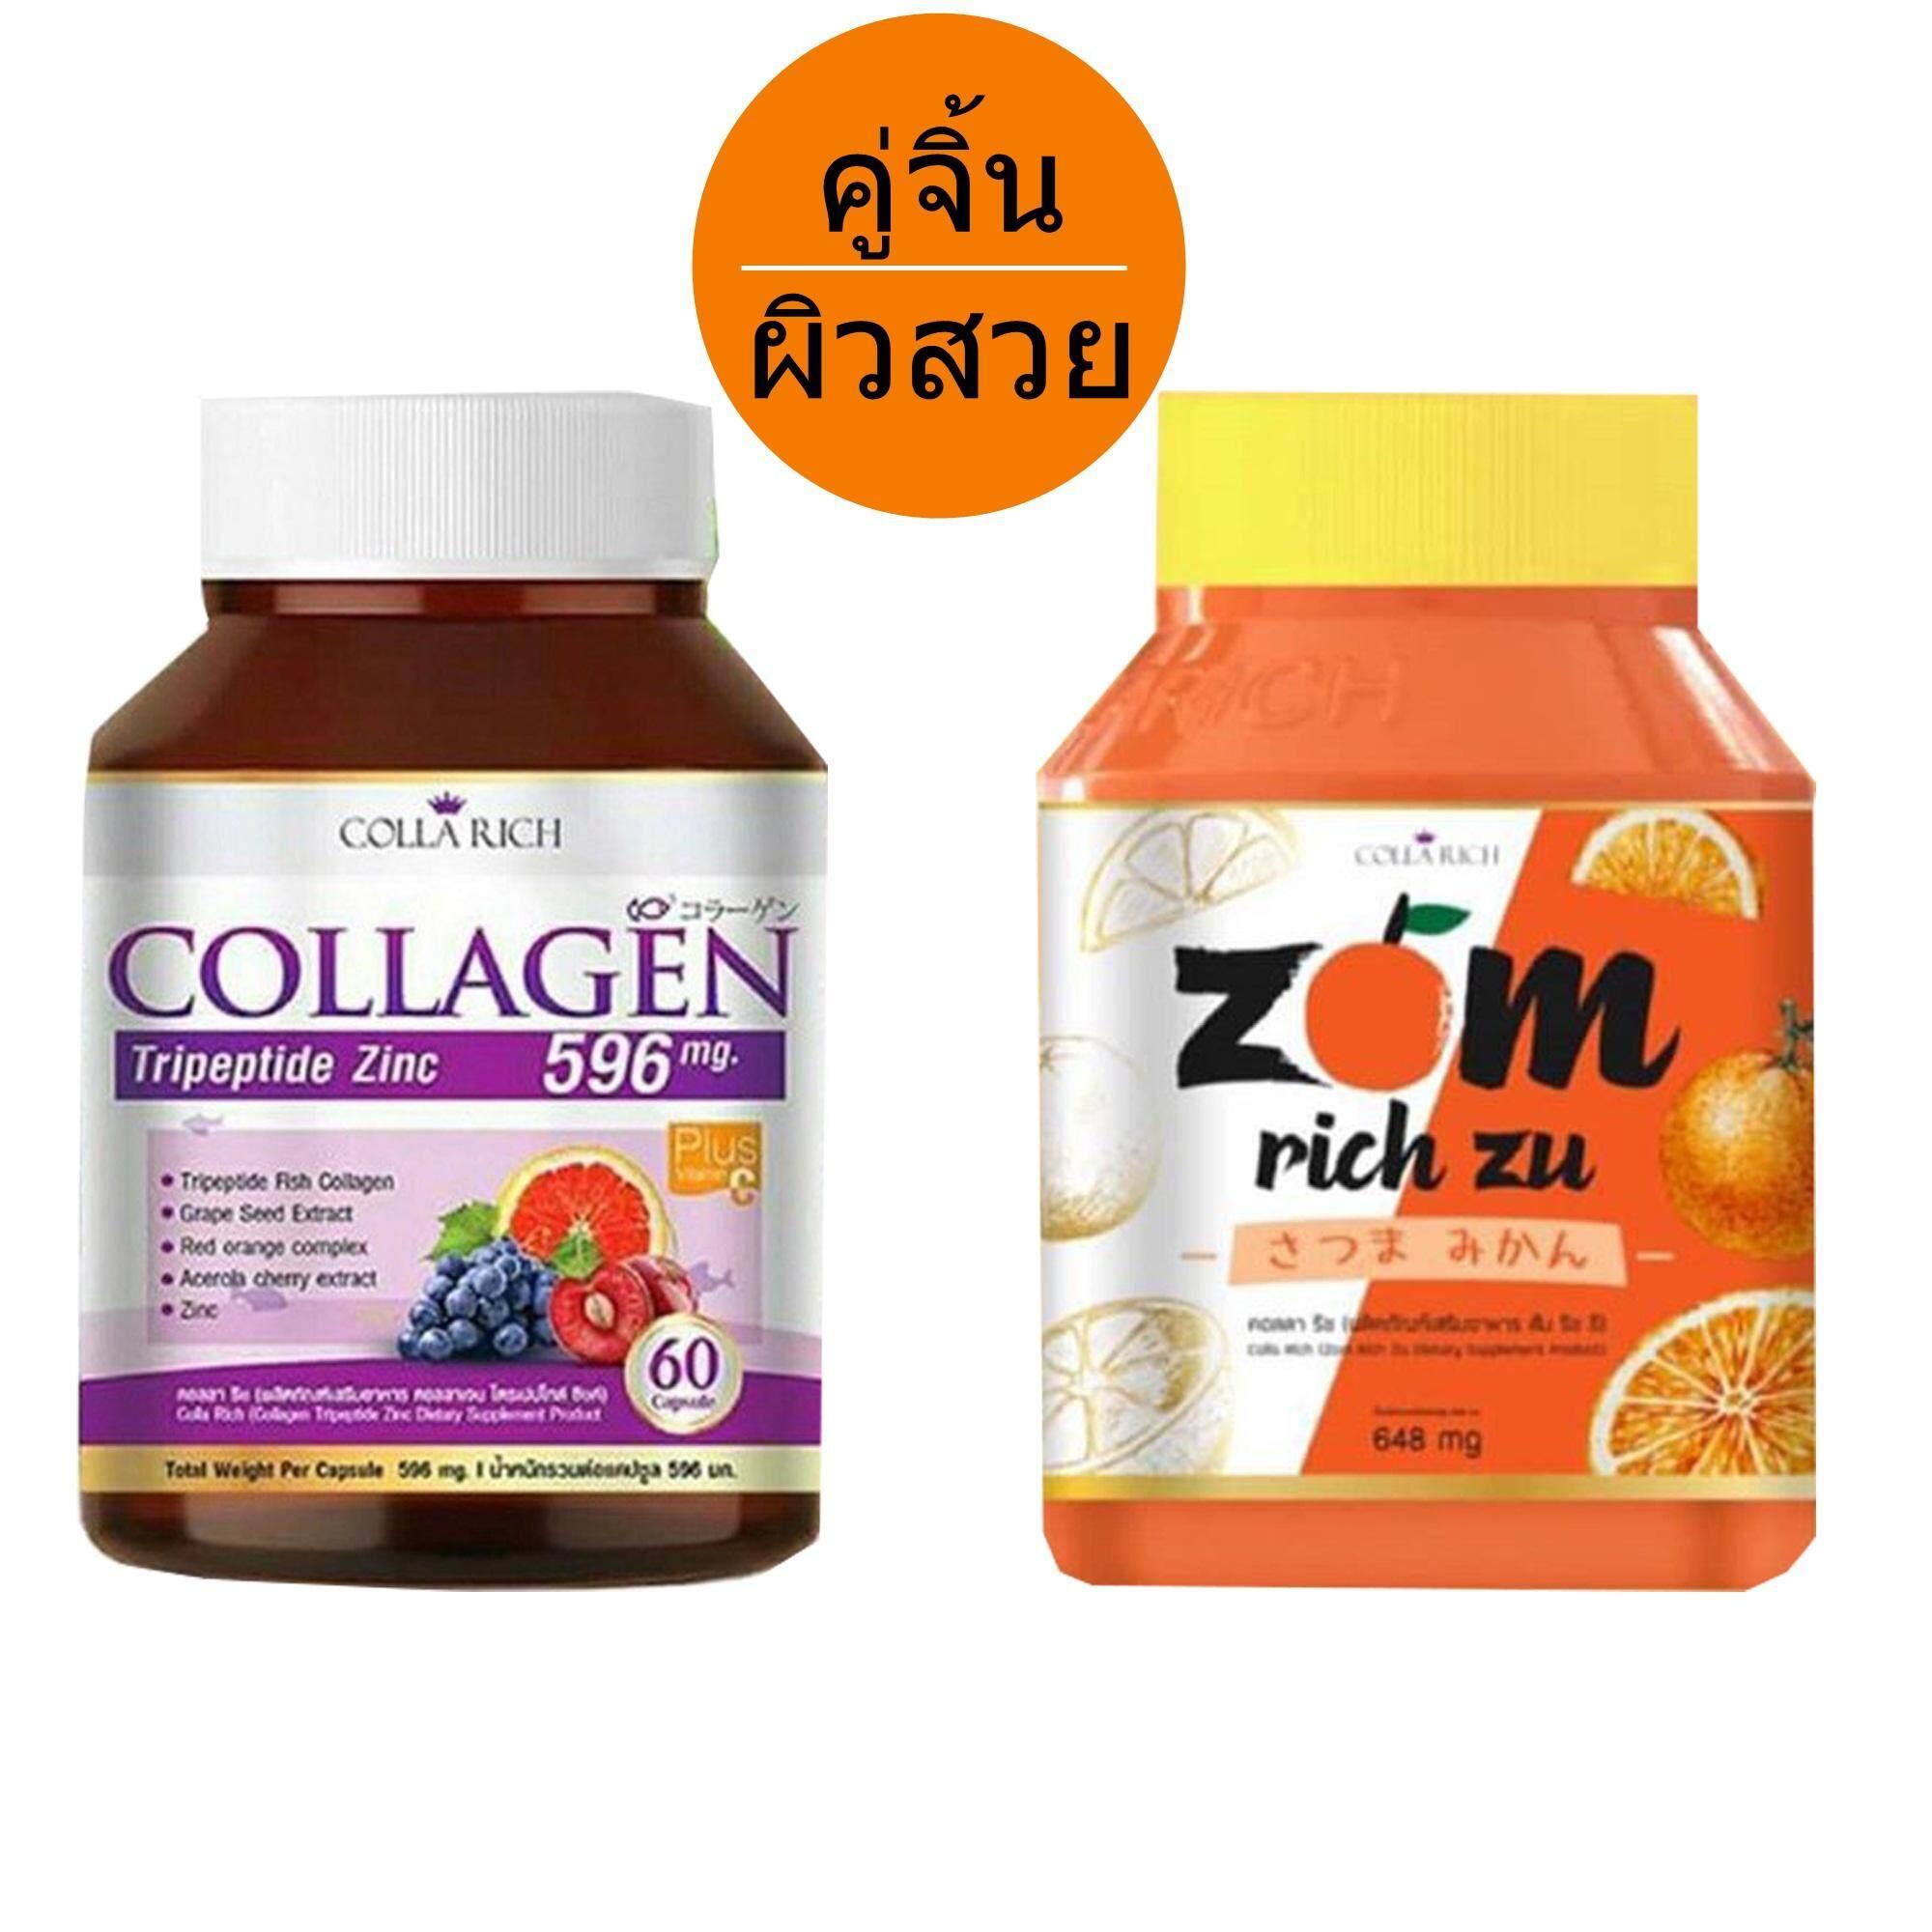 เซ็ตคู่ Colla Rich Collagen บรรจุ 60 เม็ด + Zom Rich Zu ส้มริชซึ บรรจุ 30 แคปซูล By 105beautyshop.